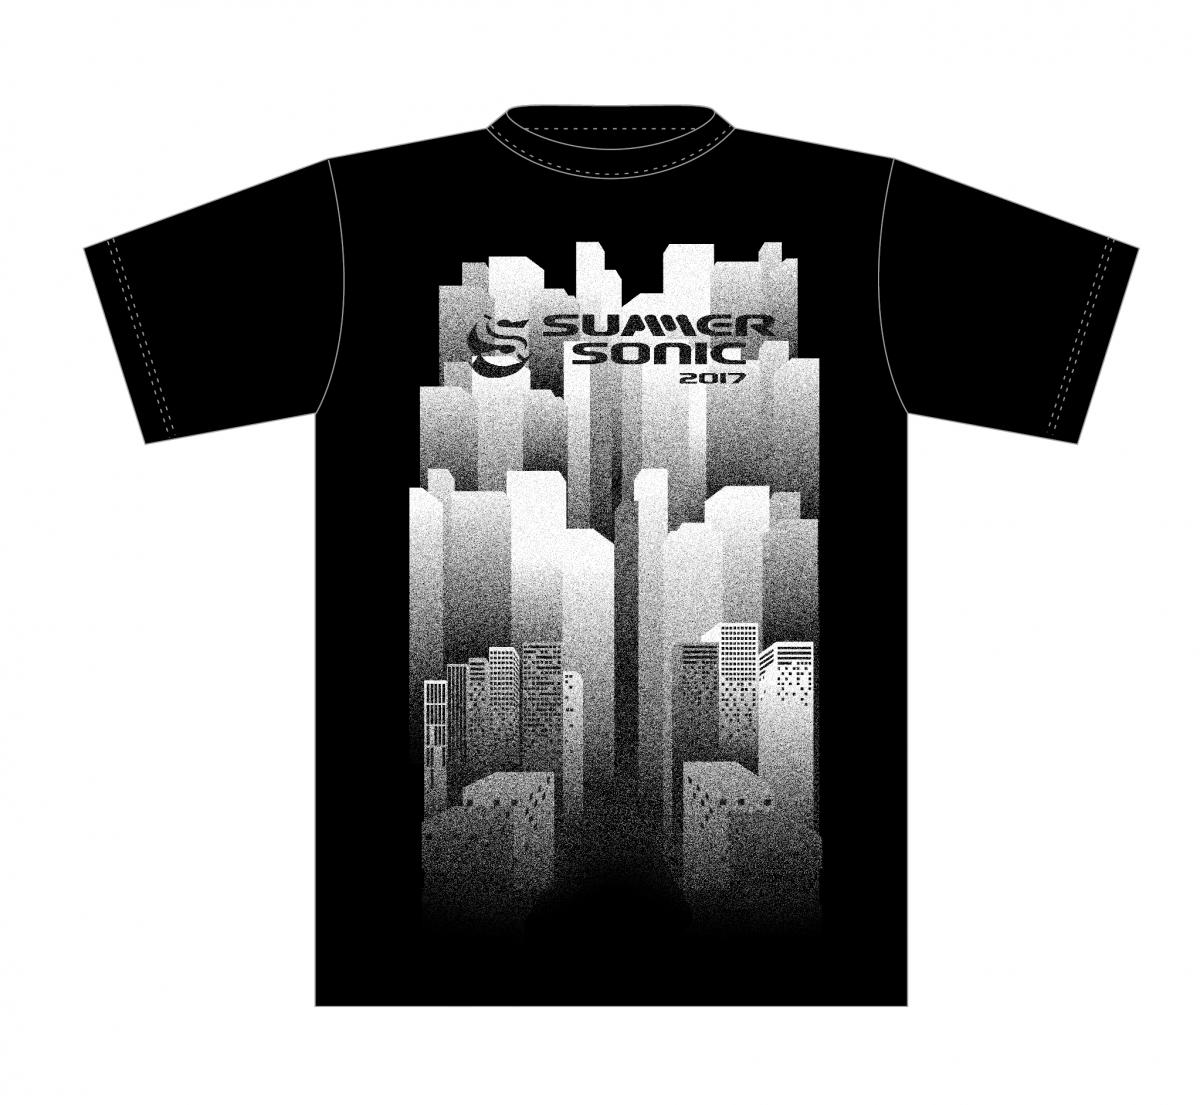 伊勢丹限定/サマソニ公式のTシャツ¥3500(税抜き)